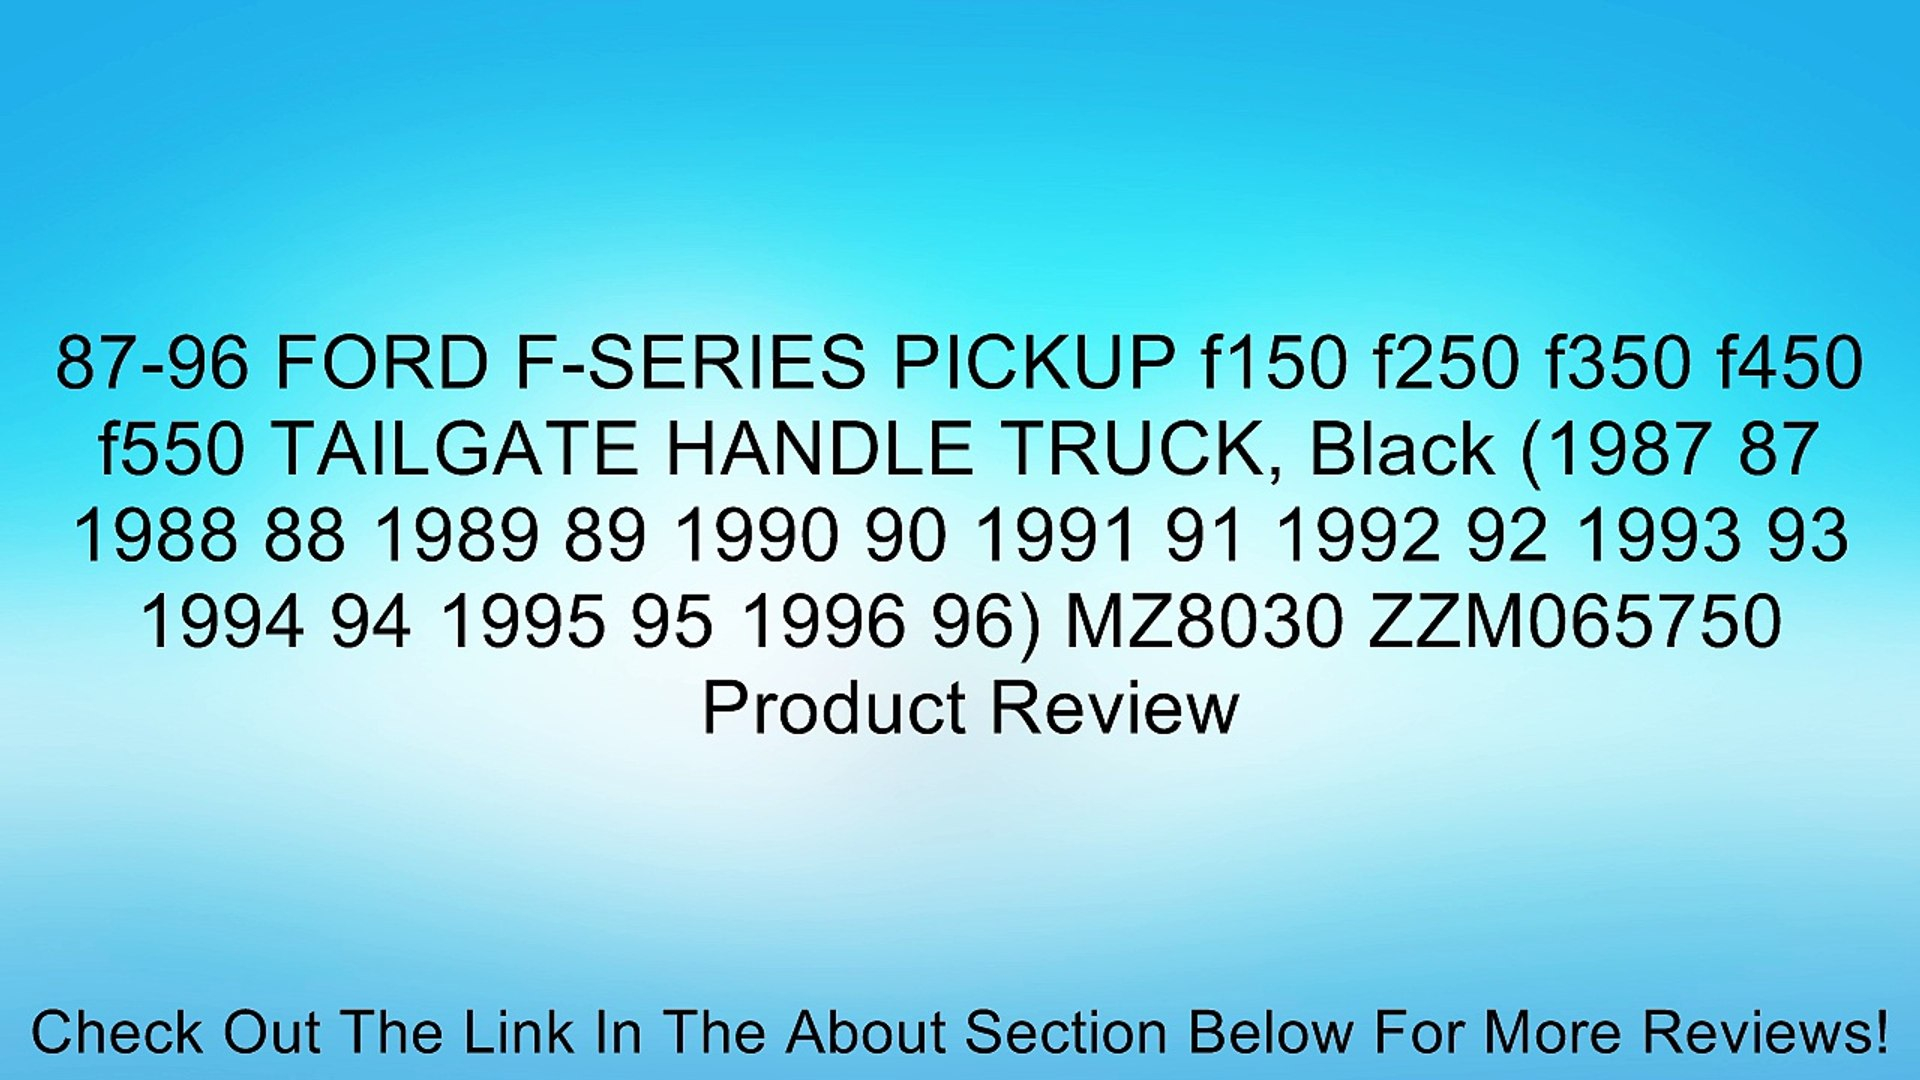 1987 87 1988 88 1989 89 1990 90 1991 91 1992 92 1993 93 1994 94 1995 95 1996 96 FD9340 ZZM165750 87-96 FORD F-SERIES PICKUP f150 f250 f350 f450 f550 TAILGATE HANDLE TRUCK Chrome